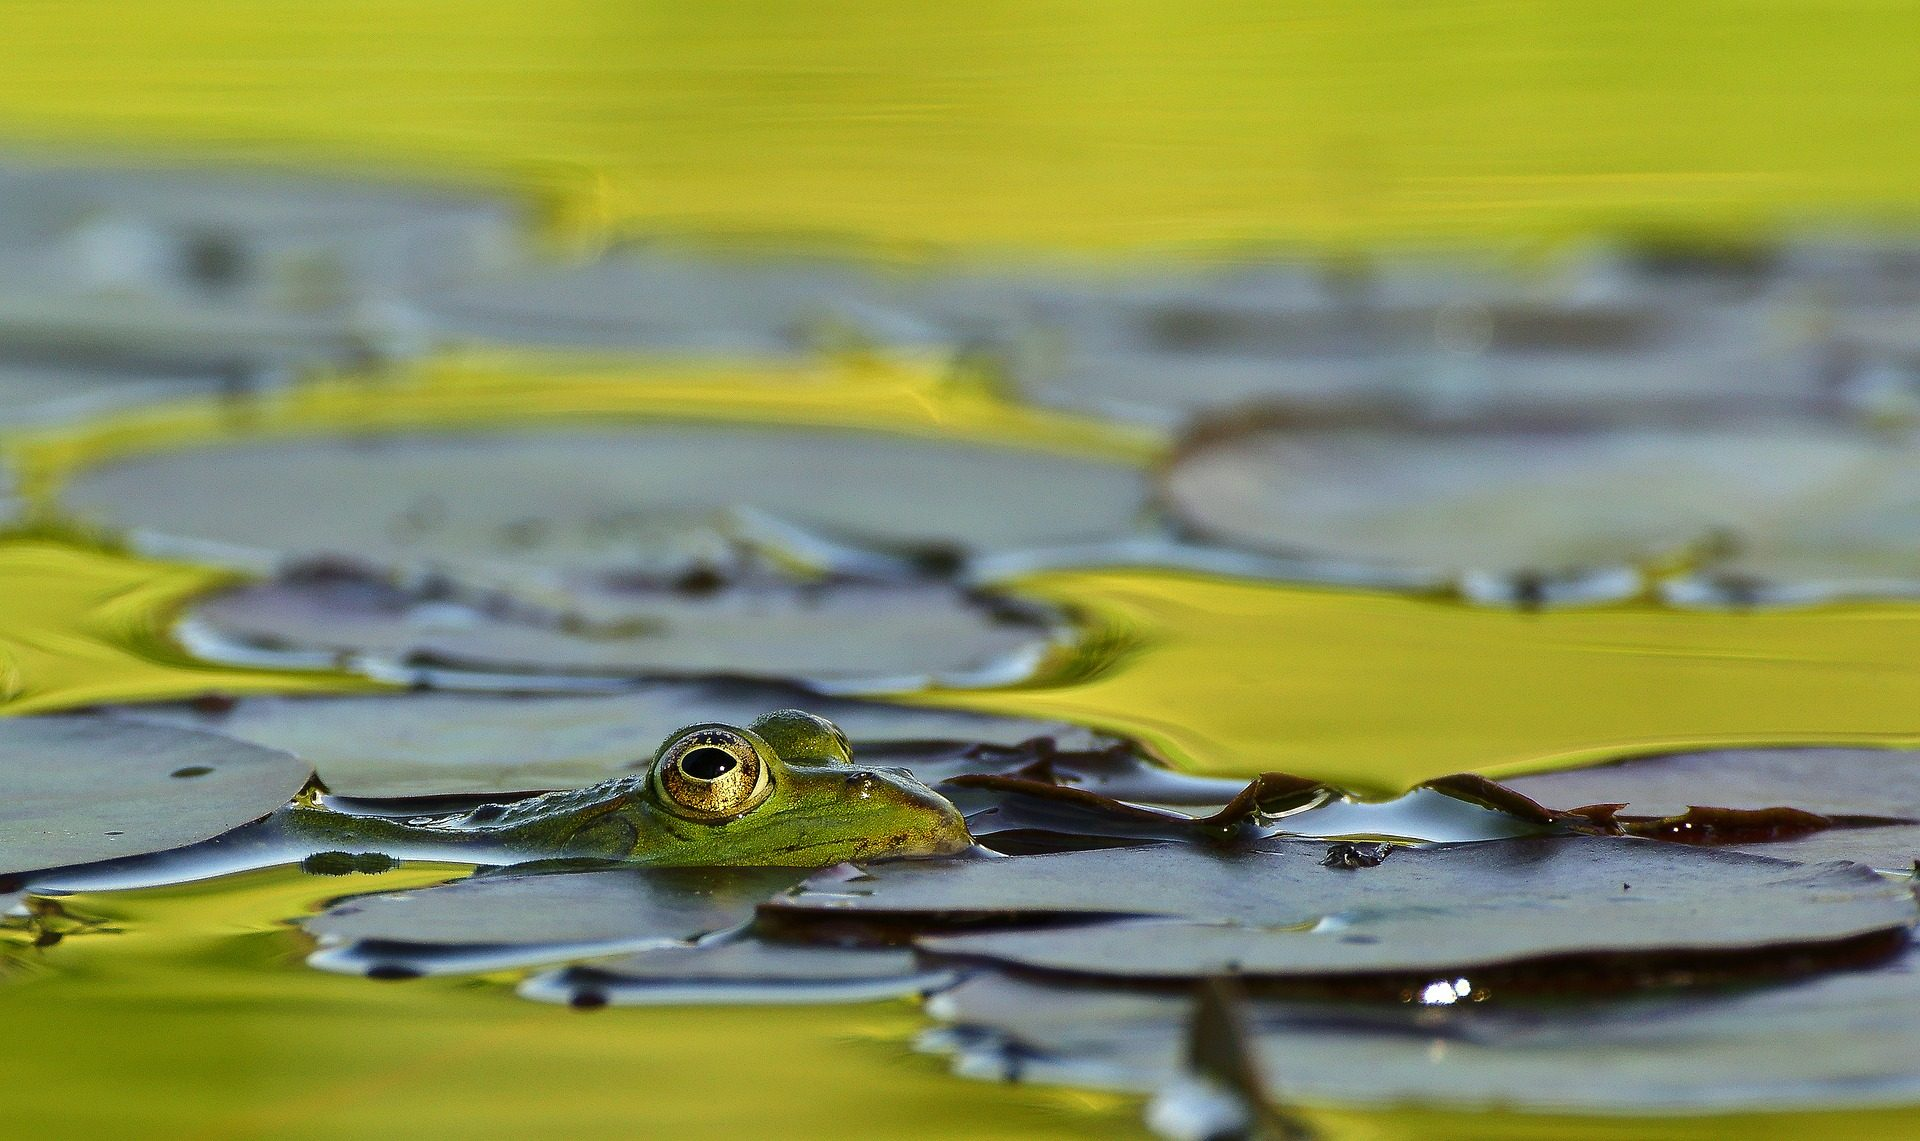 मेंढक, झील, तालाब, पानी लिली, पानी, आँखें - HD वॉलपेपर - प्रोफेसर-falken.com